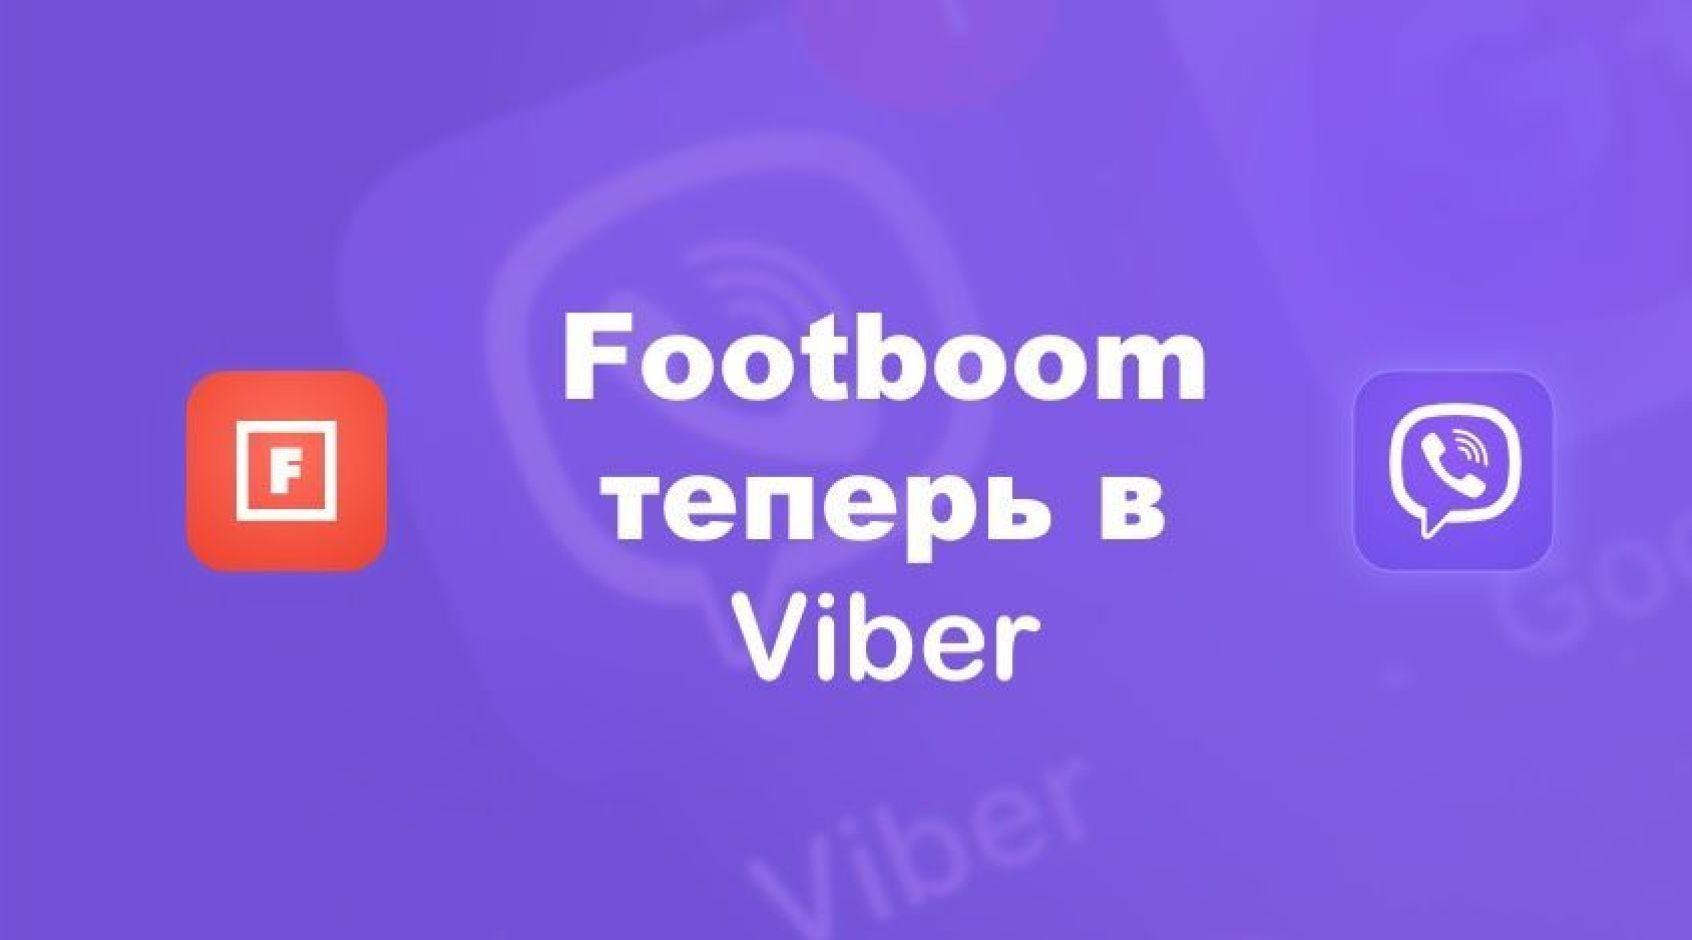 Подписывайтесь на публикации Footboom в Viber!